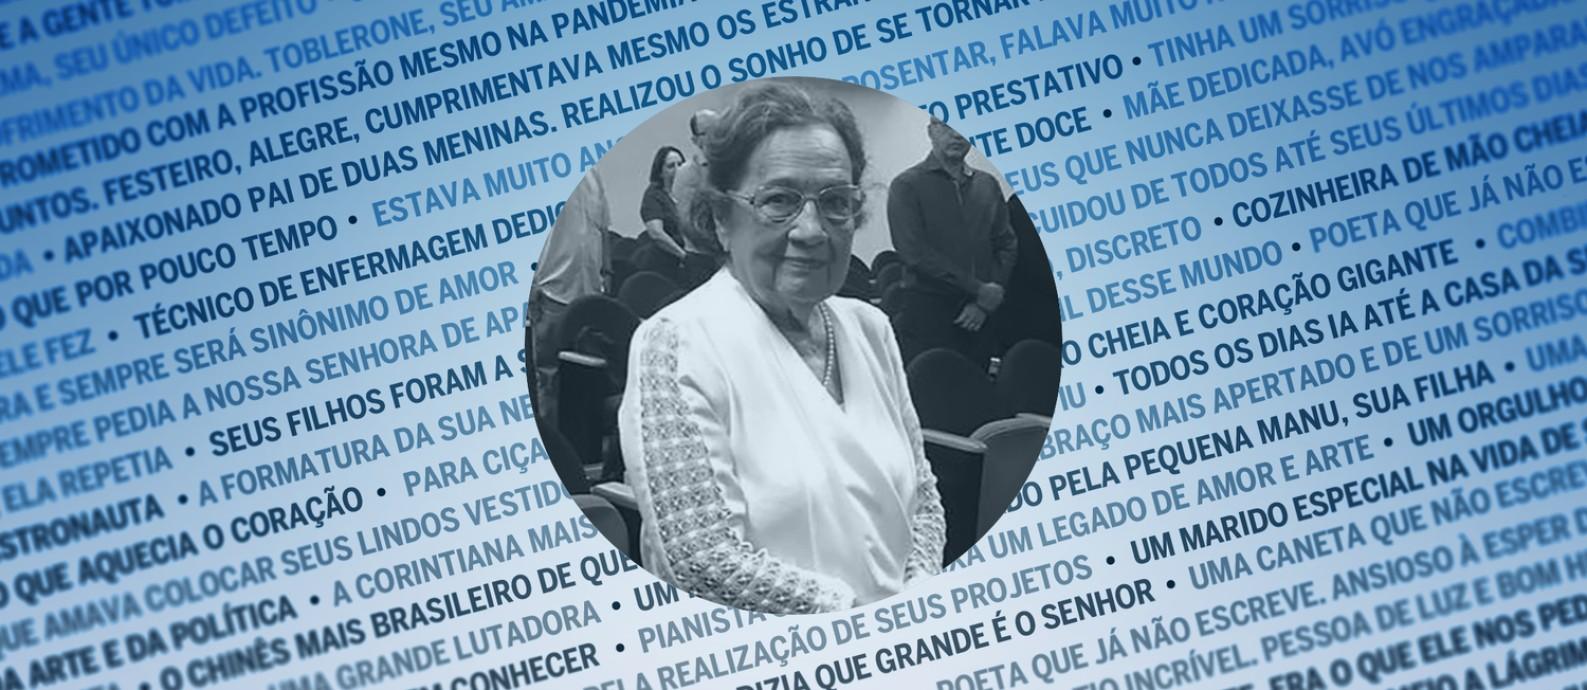 A pesquisadora Gilberta Bensabath, de 95 anos, vítima da Covid-19 Foto: Editoria de arte